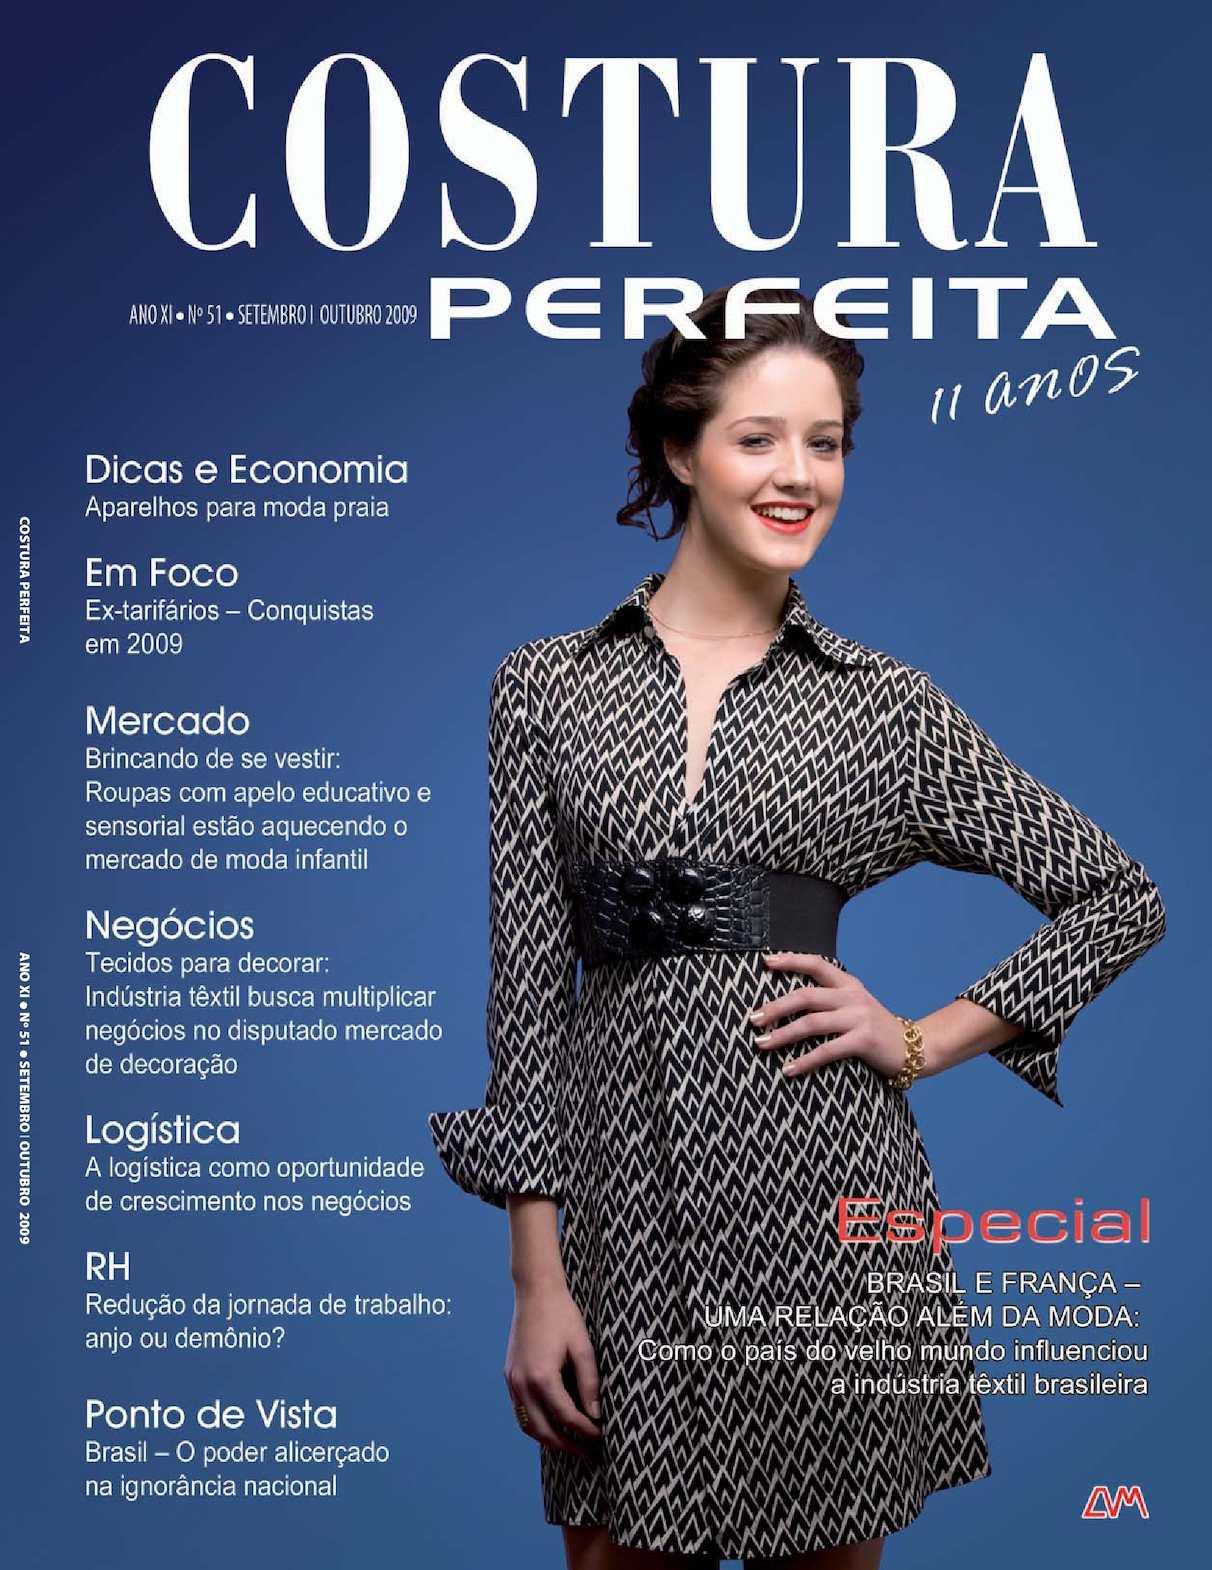 2d9a9671cac76 Calaméo - Revista Costura Perfeita Edição Ano XI - N51 - Setembro-Outubro  2009